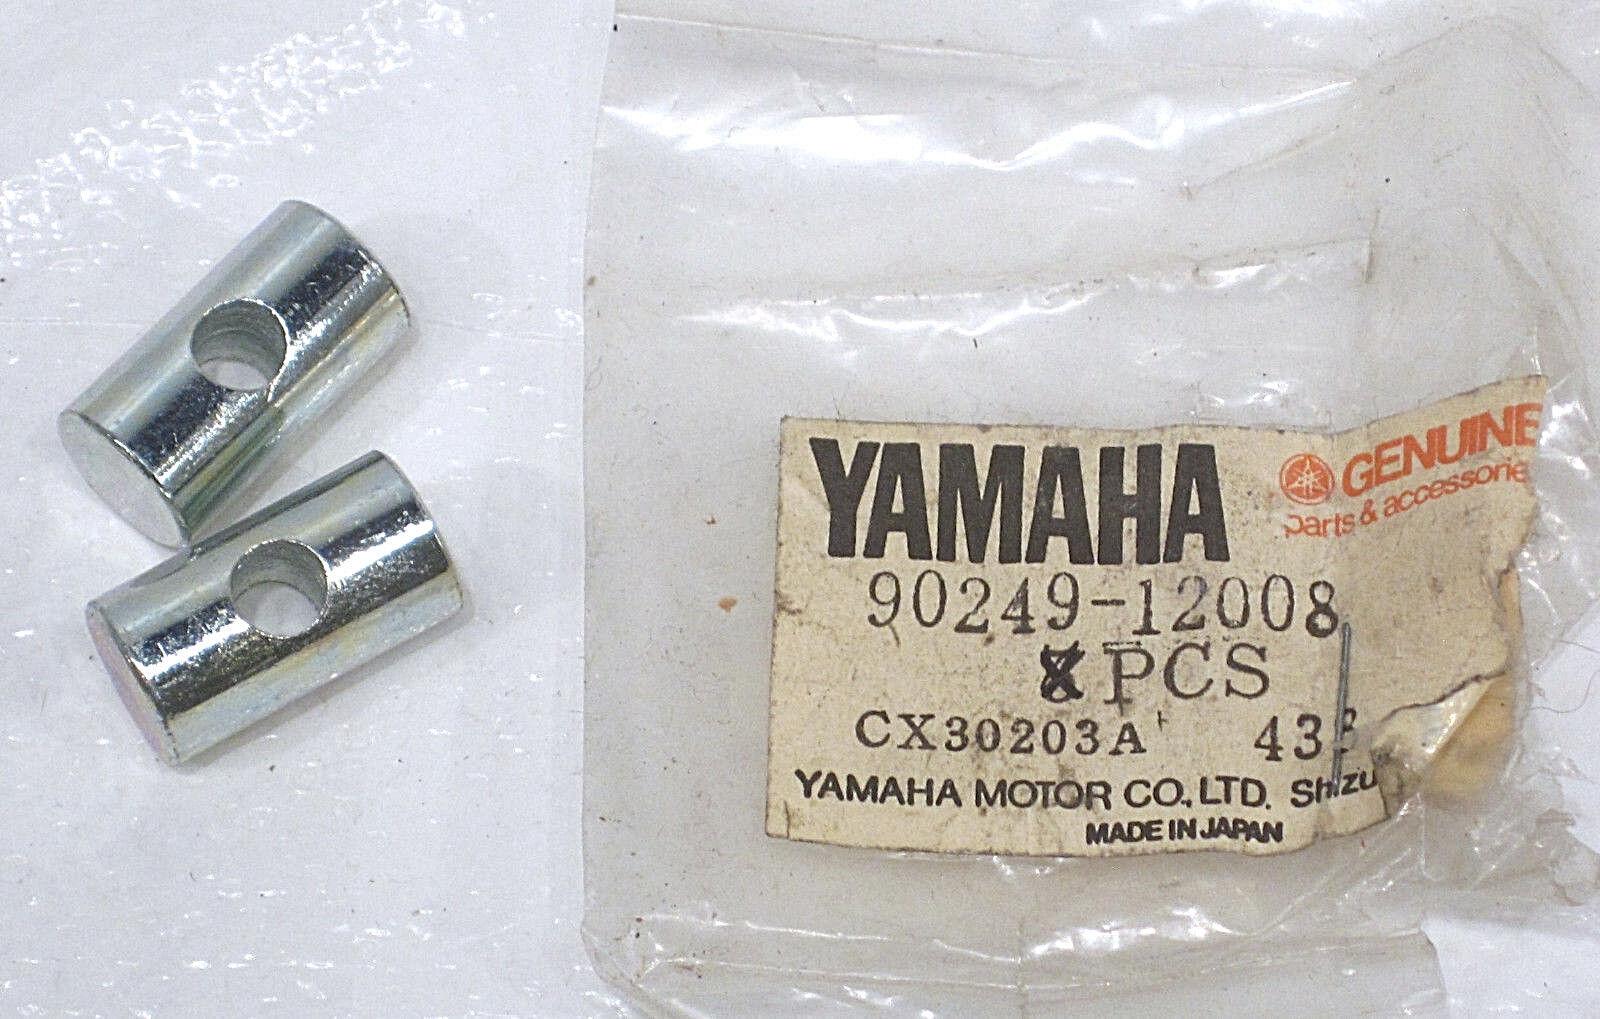 1976-1981 Genuine Yamaha XT500 Brake Rod Pin (2) 90249-12008 NOS